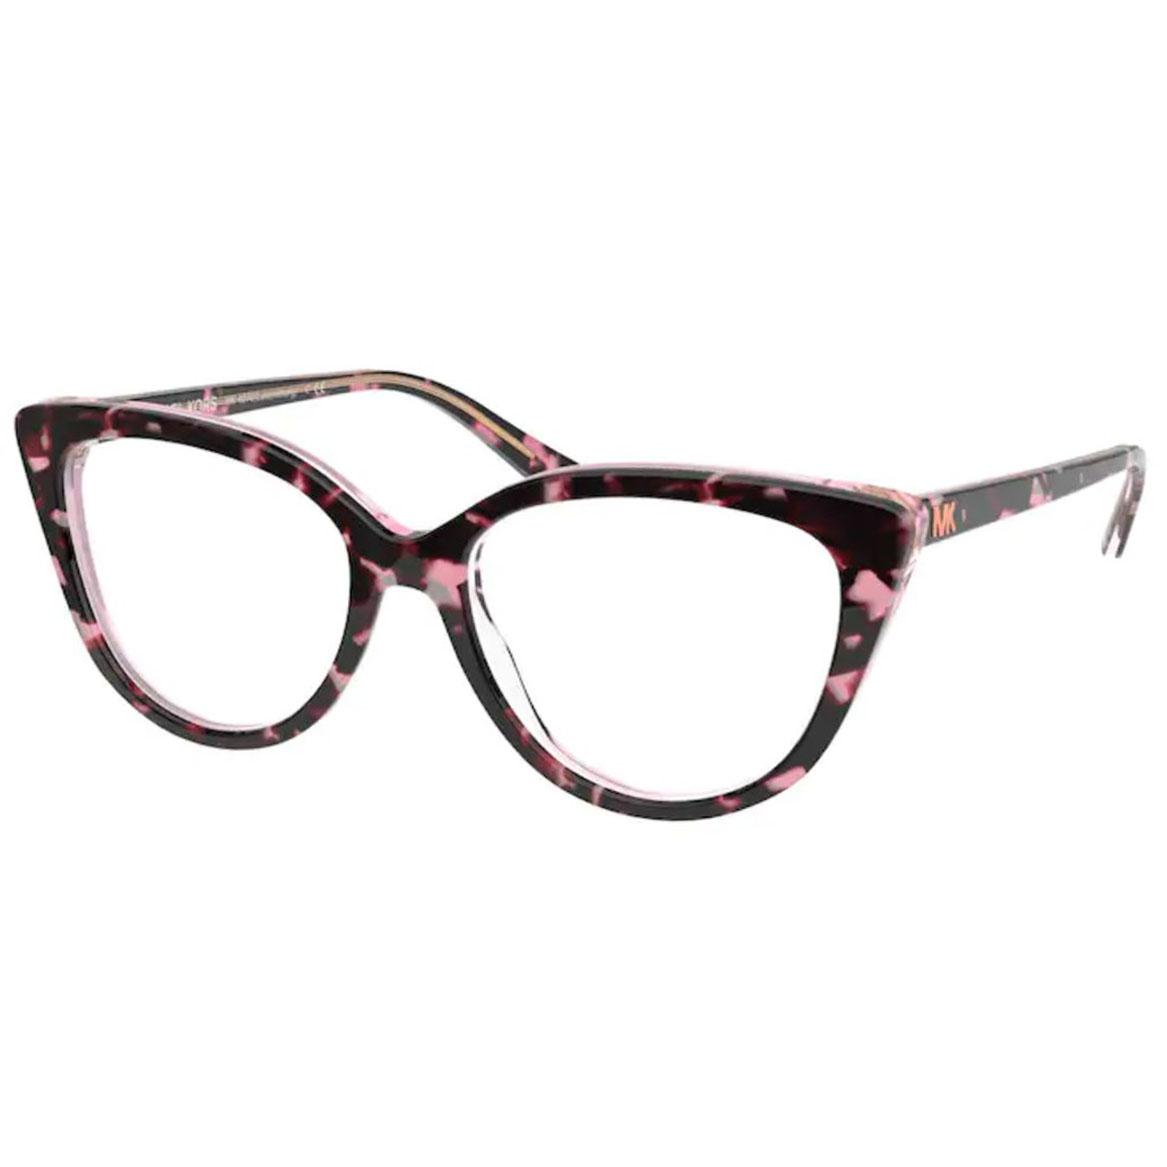 Óculos de Grau Michael Kors MK4070 Luxemburg Rosa com Preto Havana